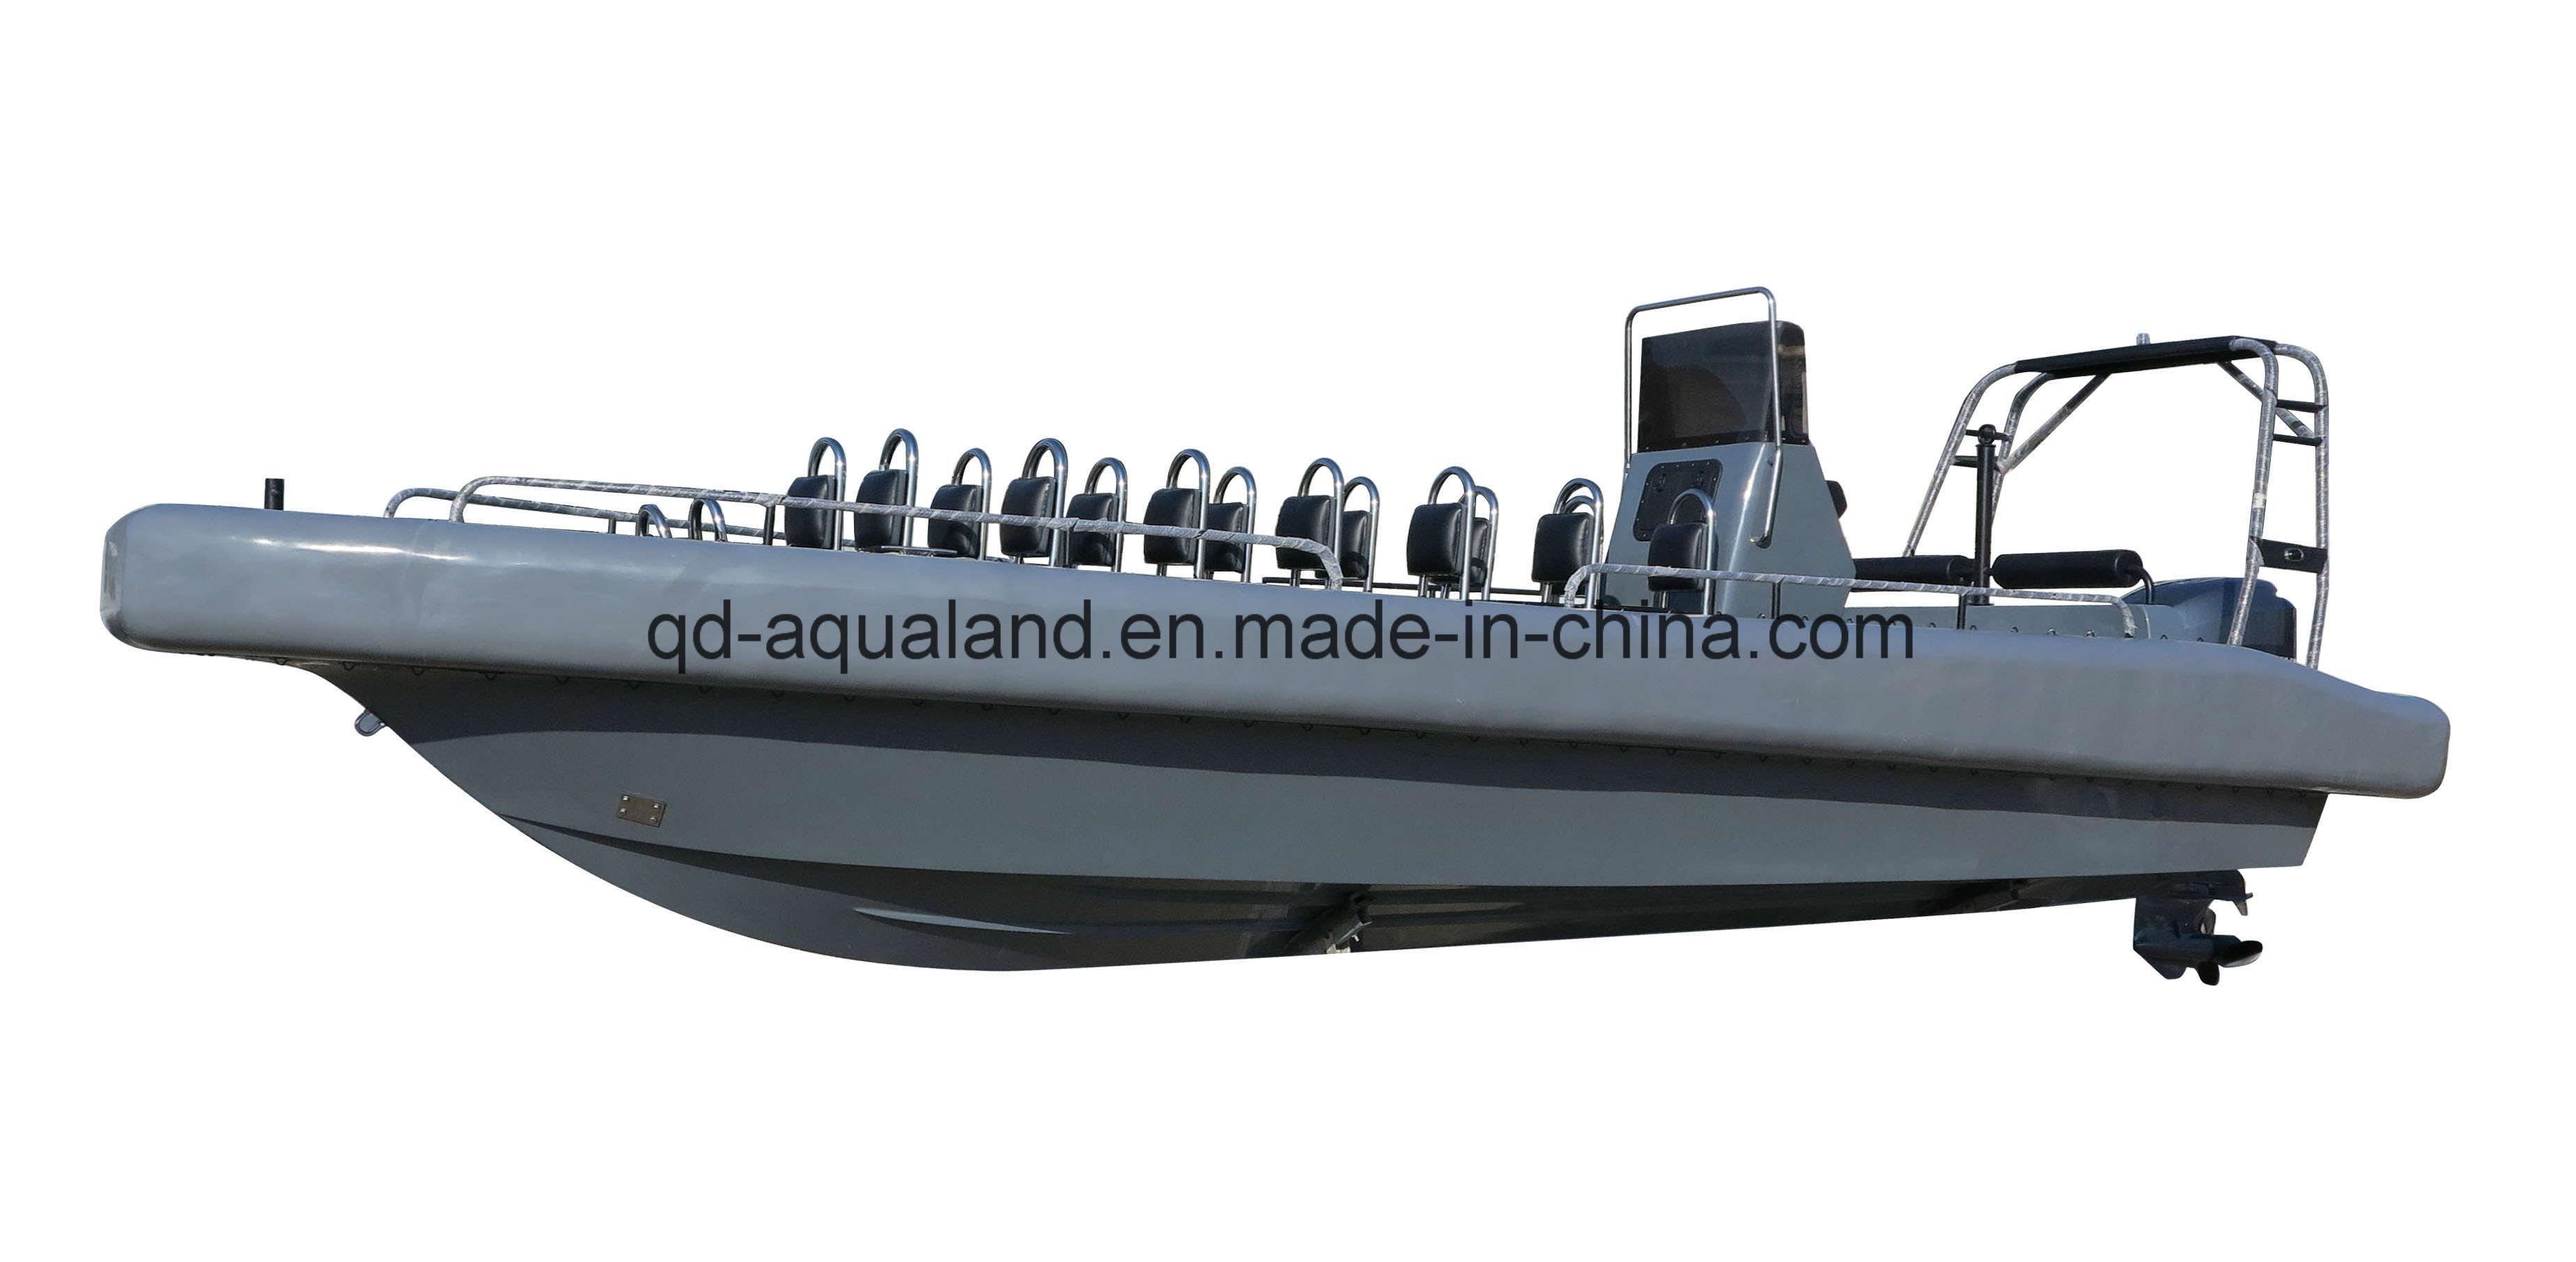 [Hot Item] Aqualand 26feet 8m Solid Foam Fender Sponson Tube Rigid  Inflatable Military Patrol Rescue Rib Motor Boat (rib800b)